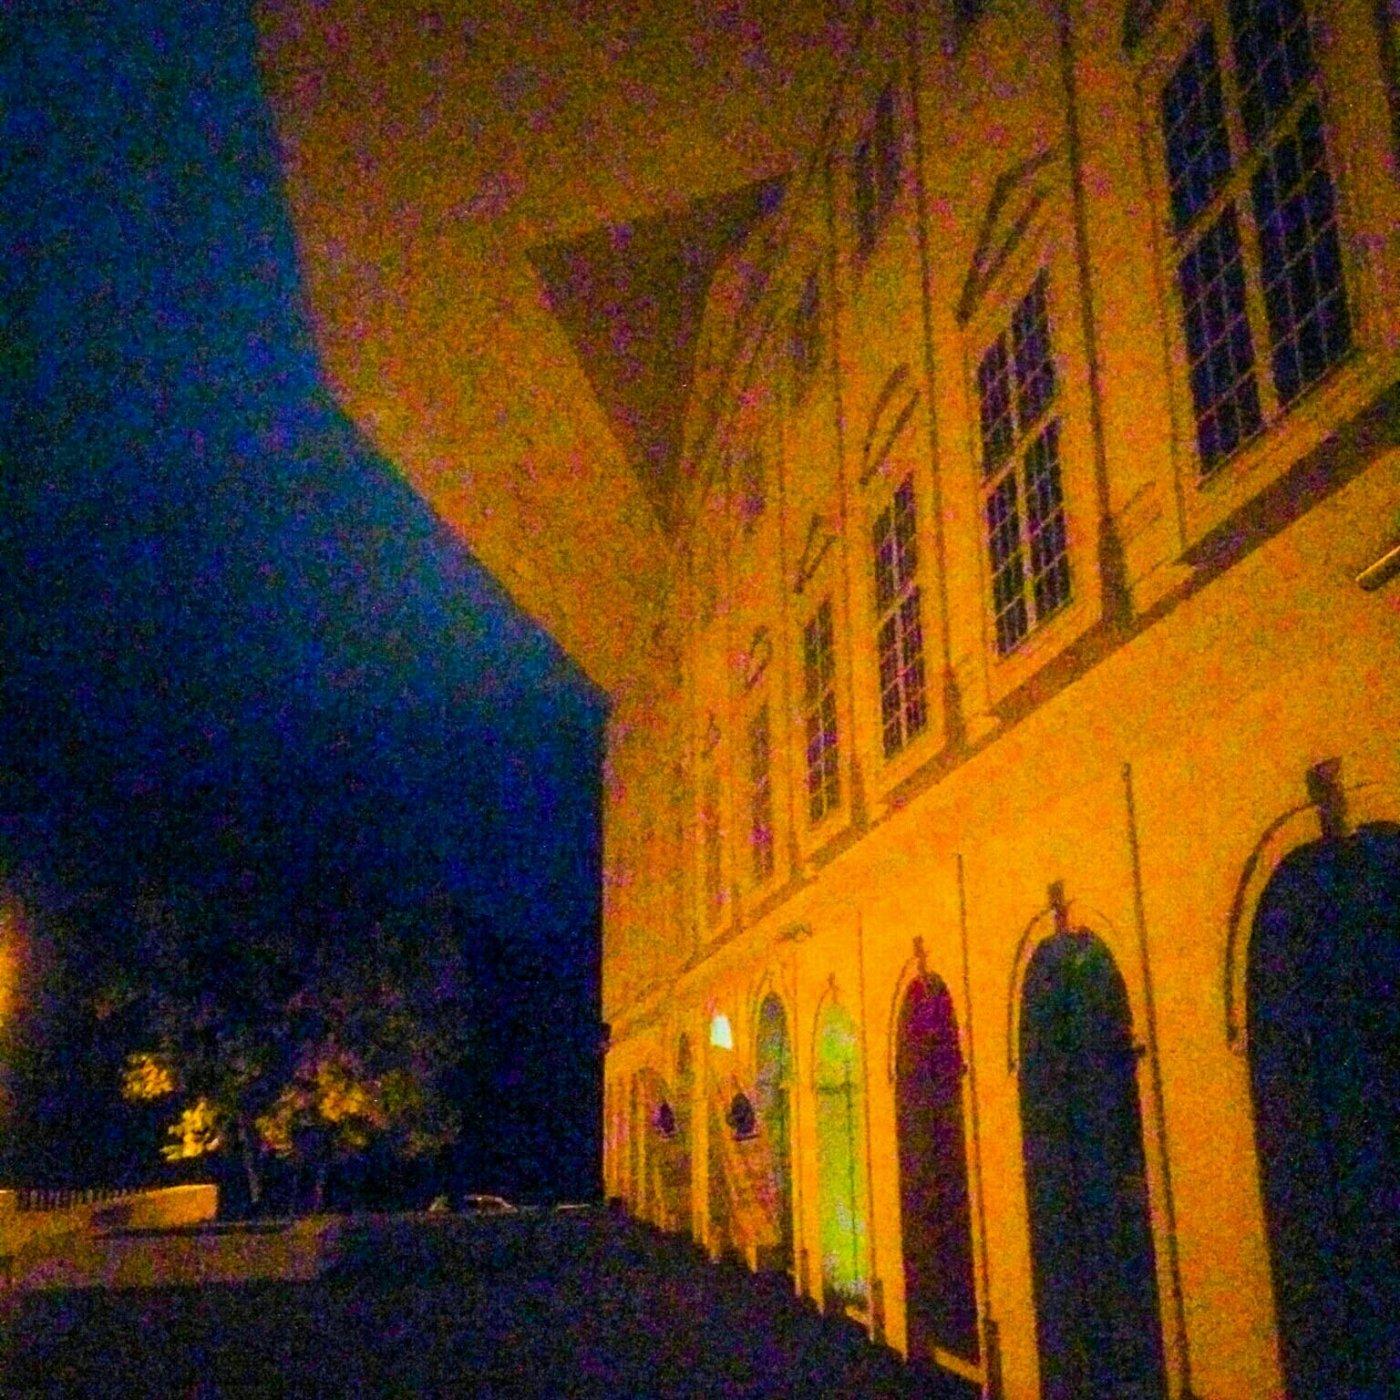 Tarton yliopiston Narvan yksikkö iltavalaistuksessa. Yksikössä koulutettaan opettajia